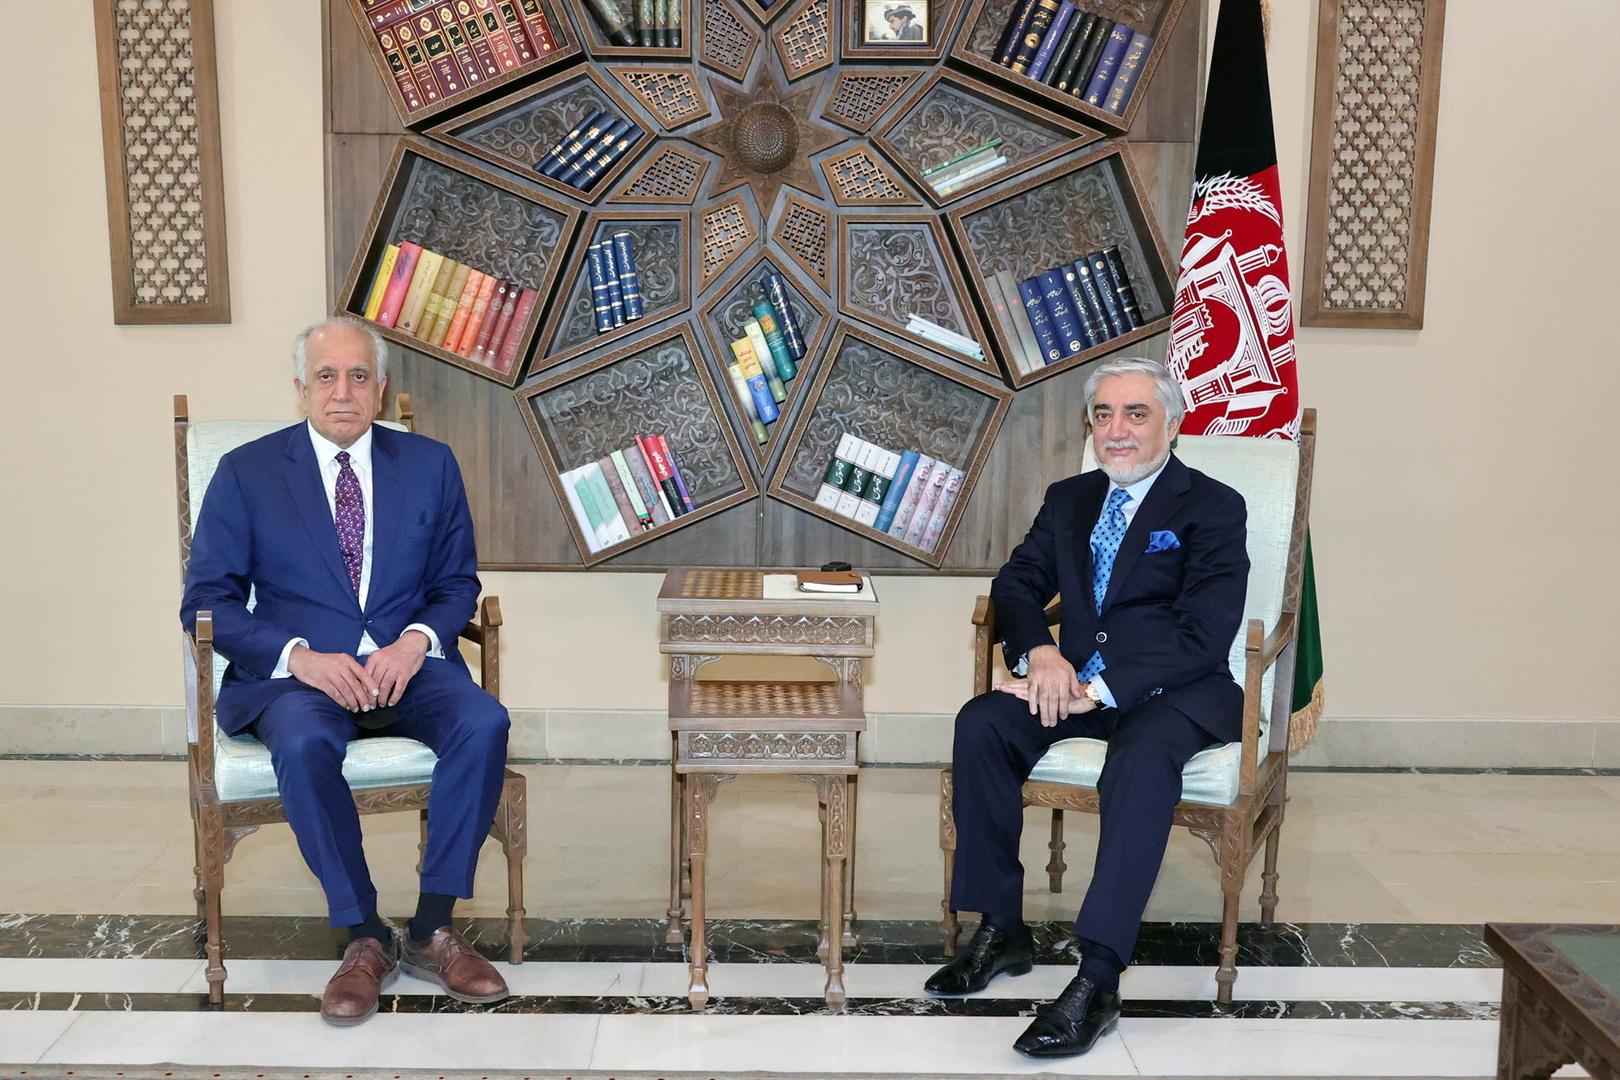 لقاء المبعوث الأمريكي الخاص إلى أفغانستان زلماي خليل زاد (على اليسار) مع رئيس المجلس الأعلى للمصالحة الوطنية عبد الله عبد الله